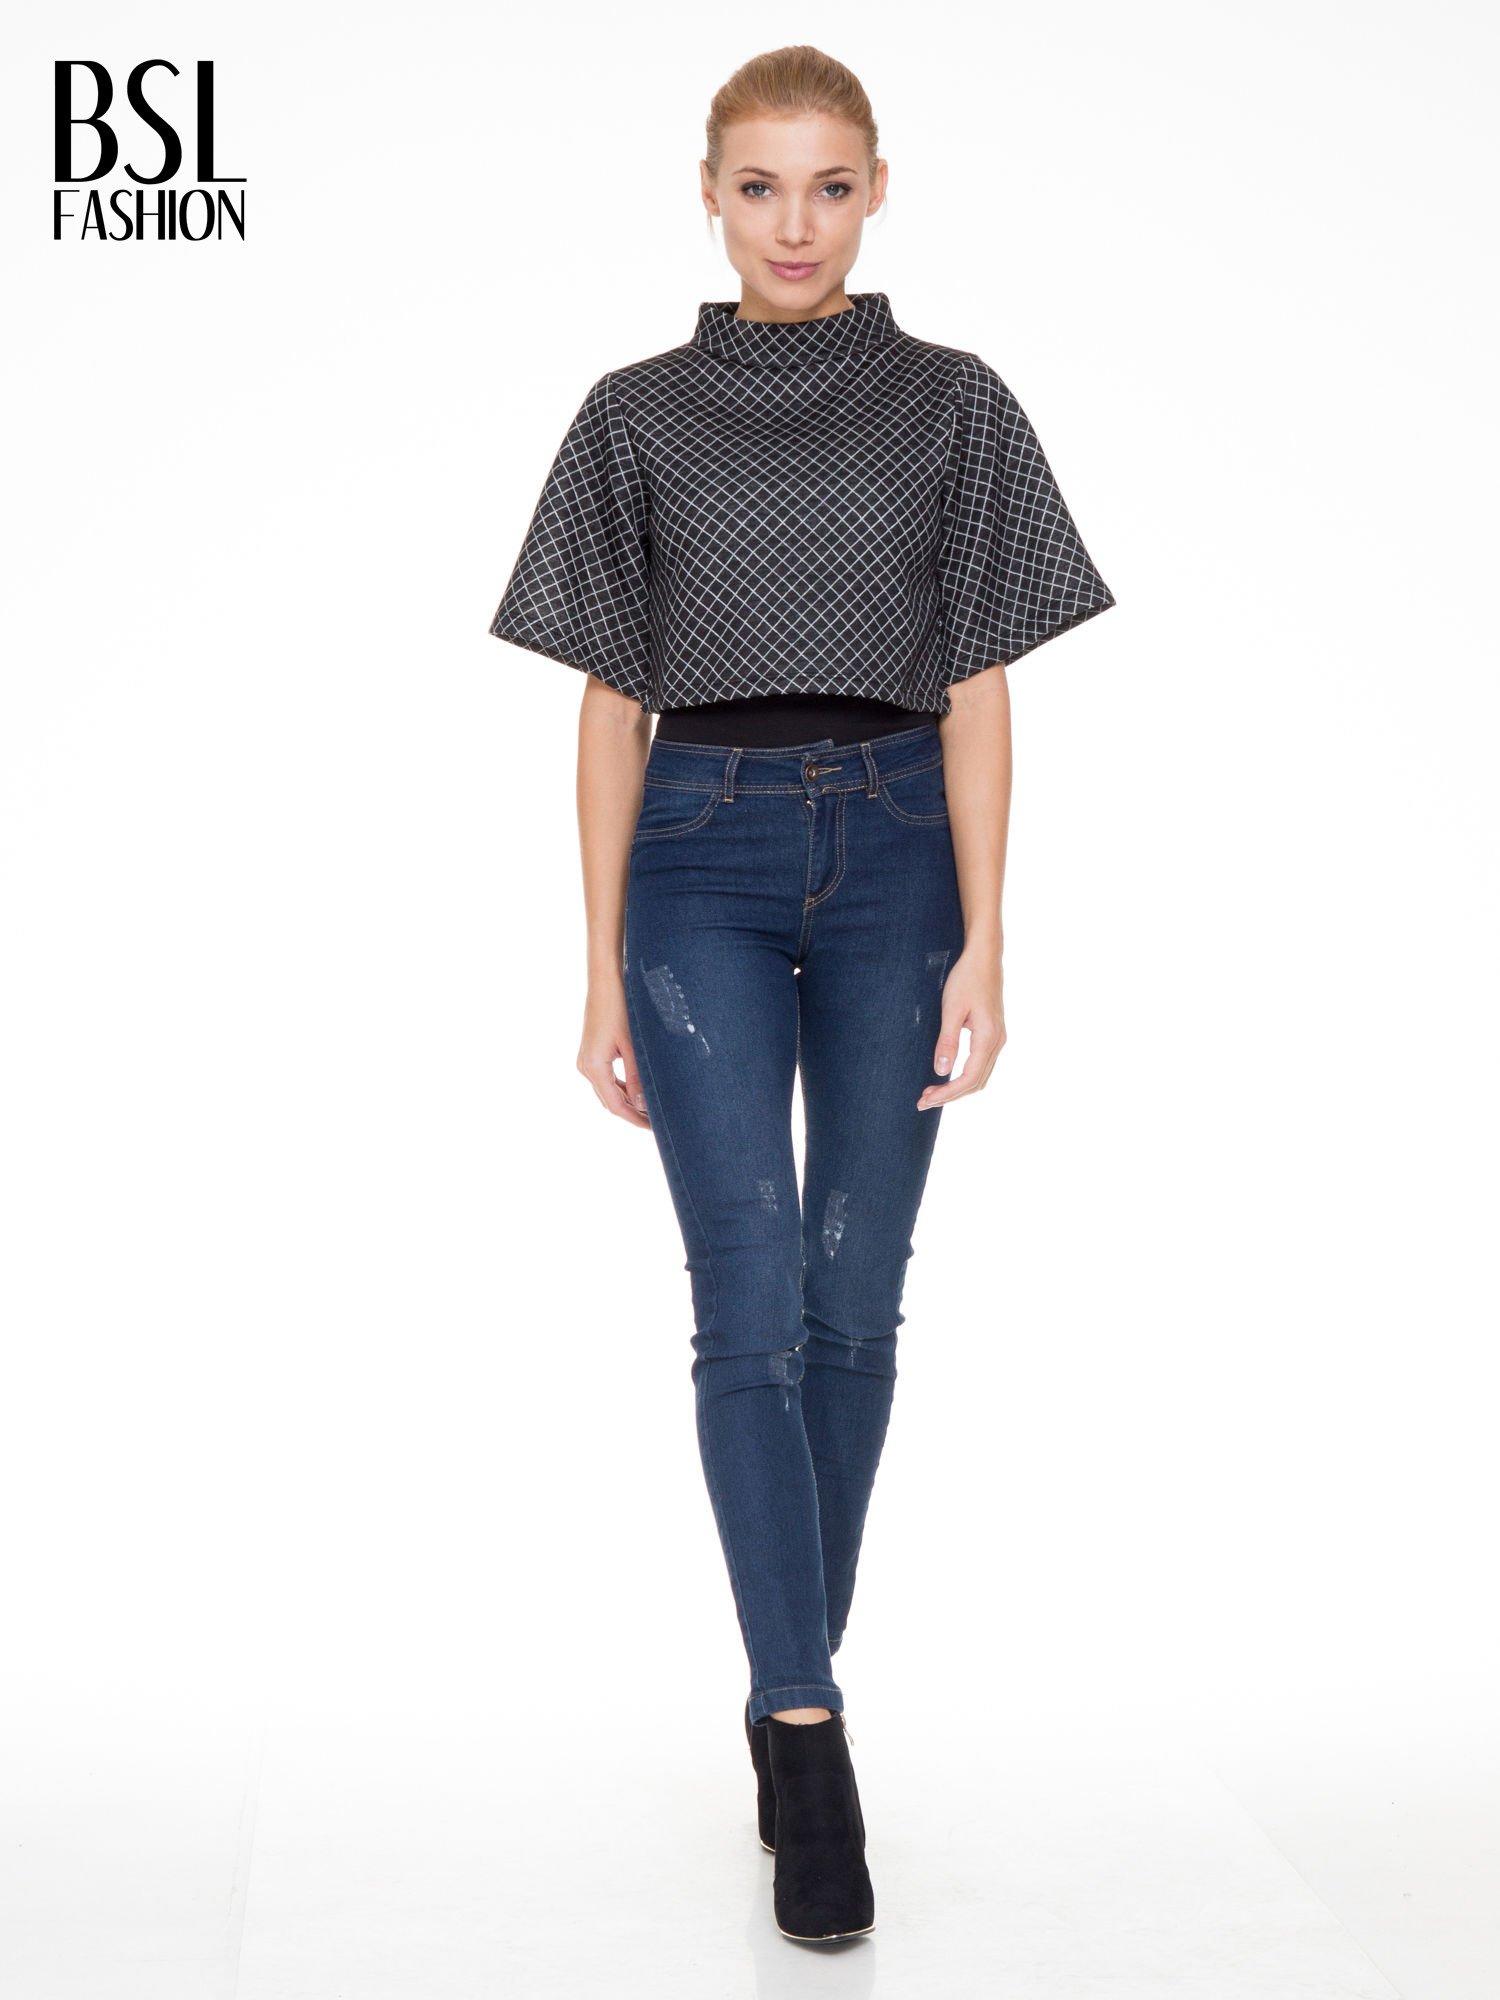 Czarna kraciasta bluzka z kloszowanymi rękawami i półgolfem                                  zdj.                                  2